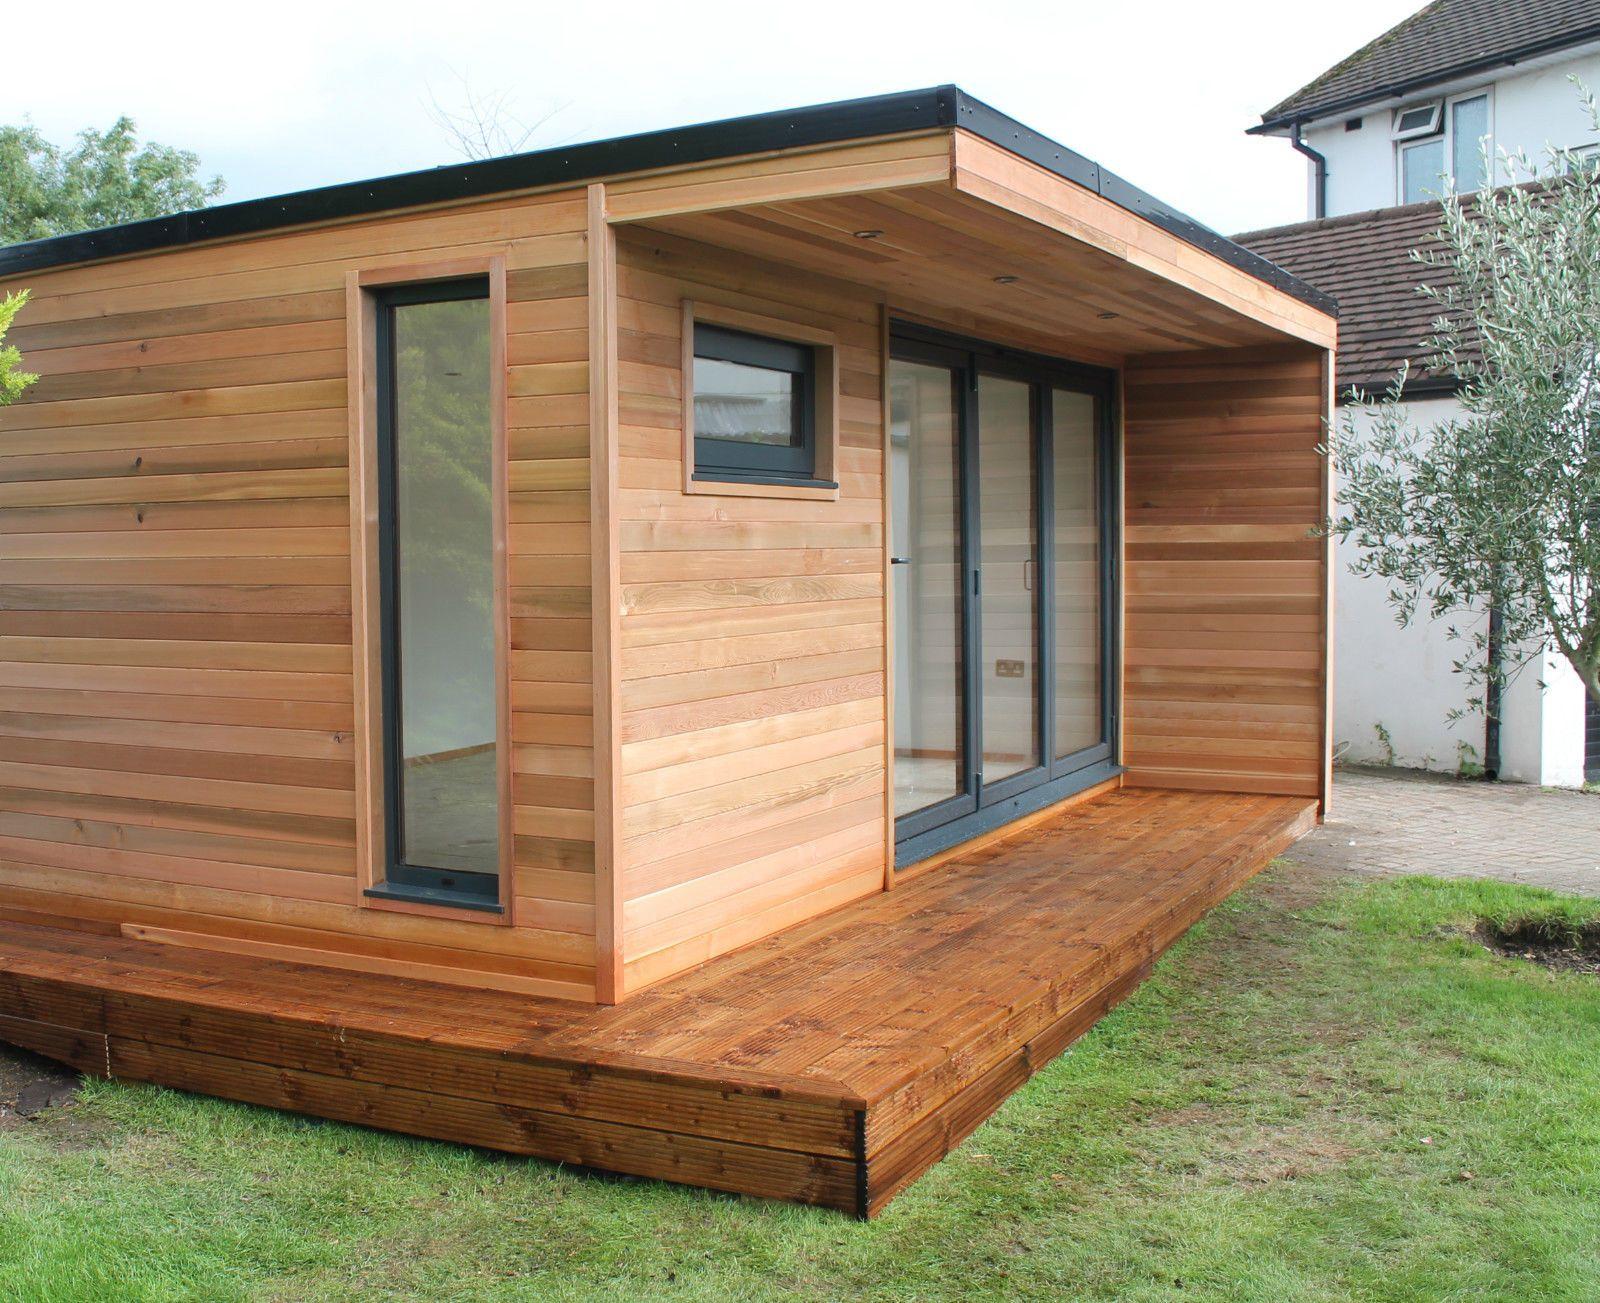 5m X 3m Garden Room Home Office Studio Summer House Log Cabin Chalet Rumah Hijau Desain Rumah Mungil Rumah Kontainer